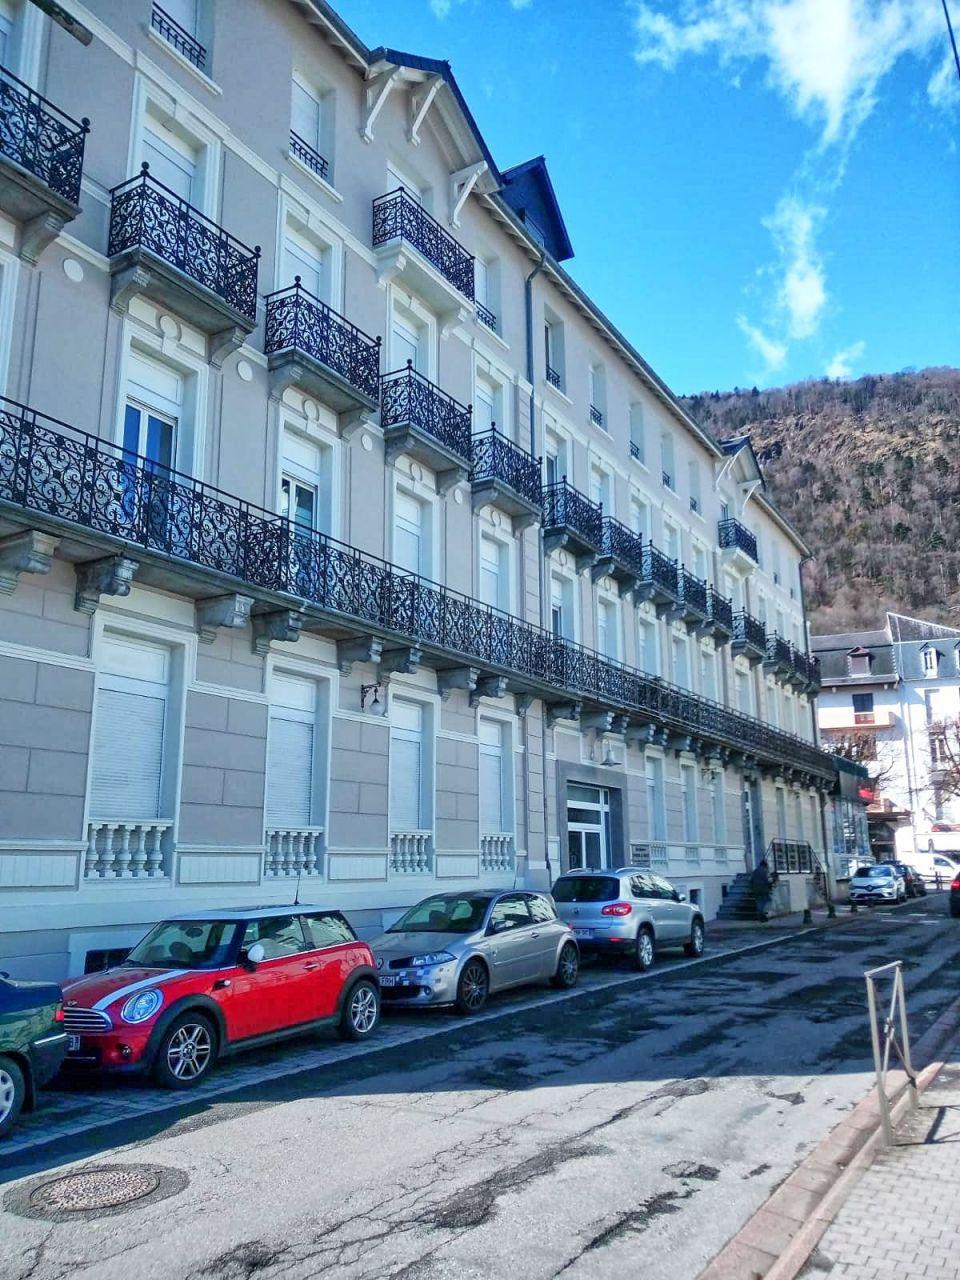 Студия во франции купить недвижимость за рубежом налоги в россии